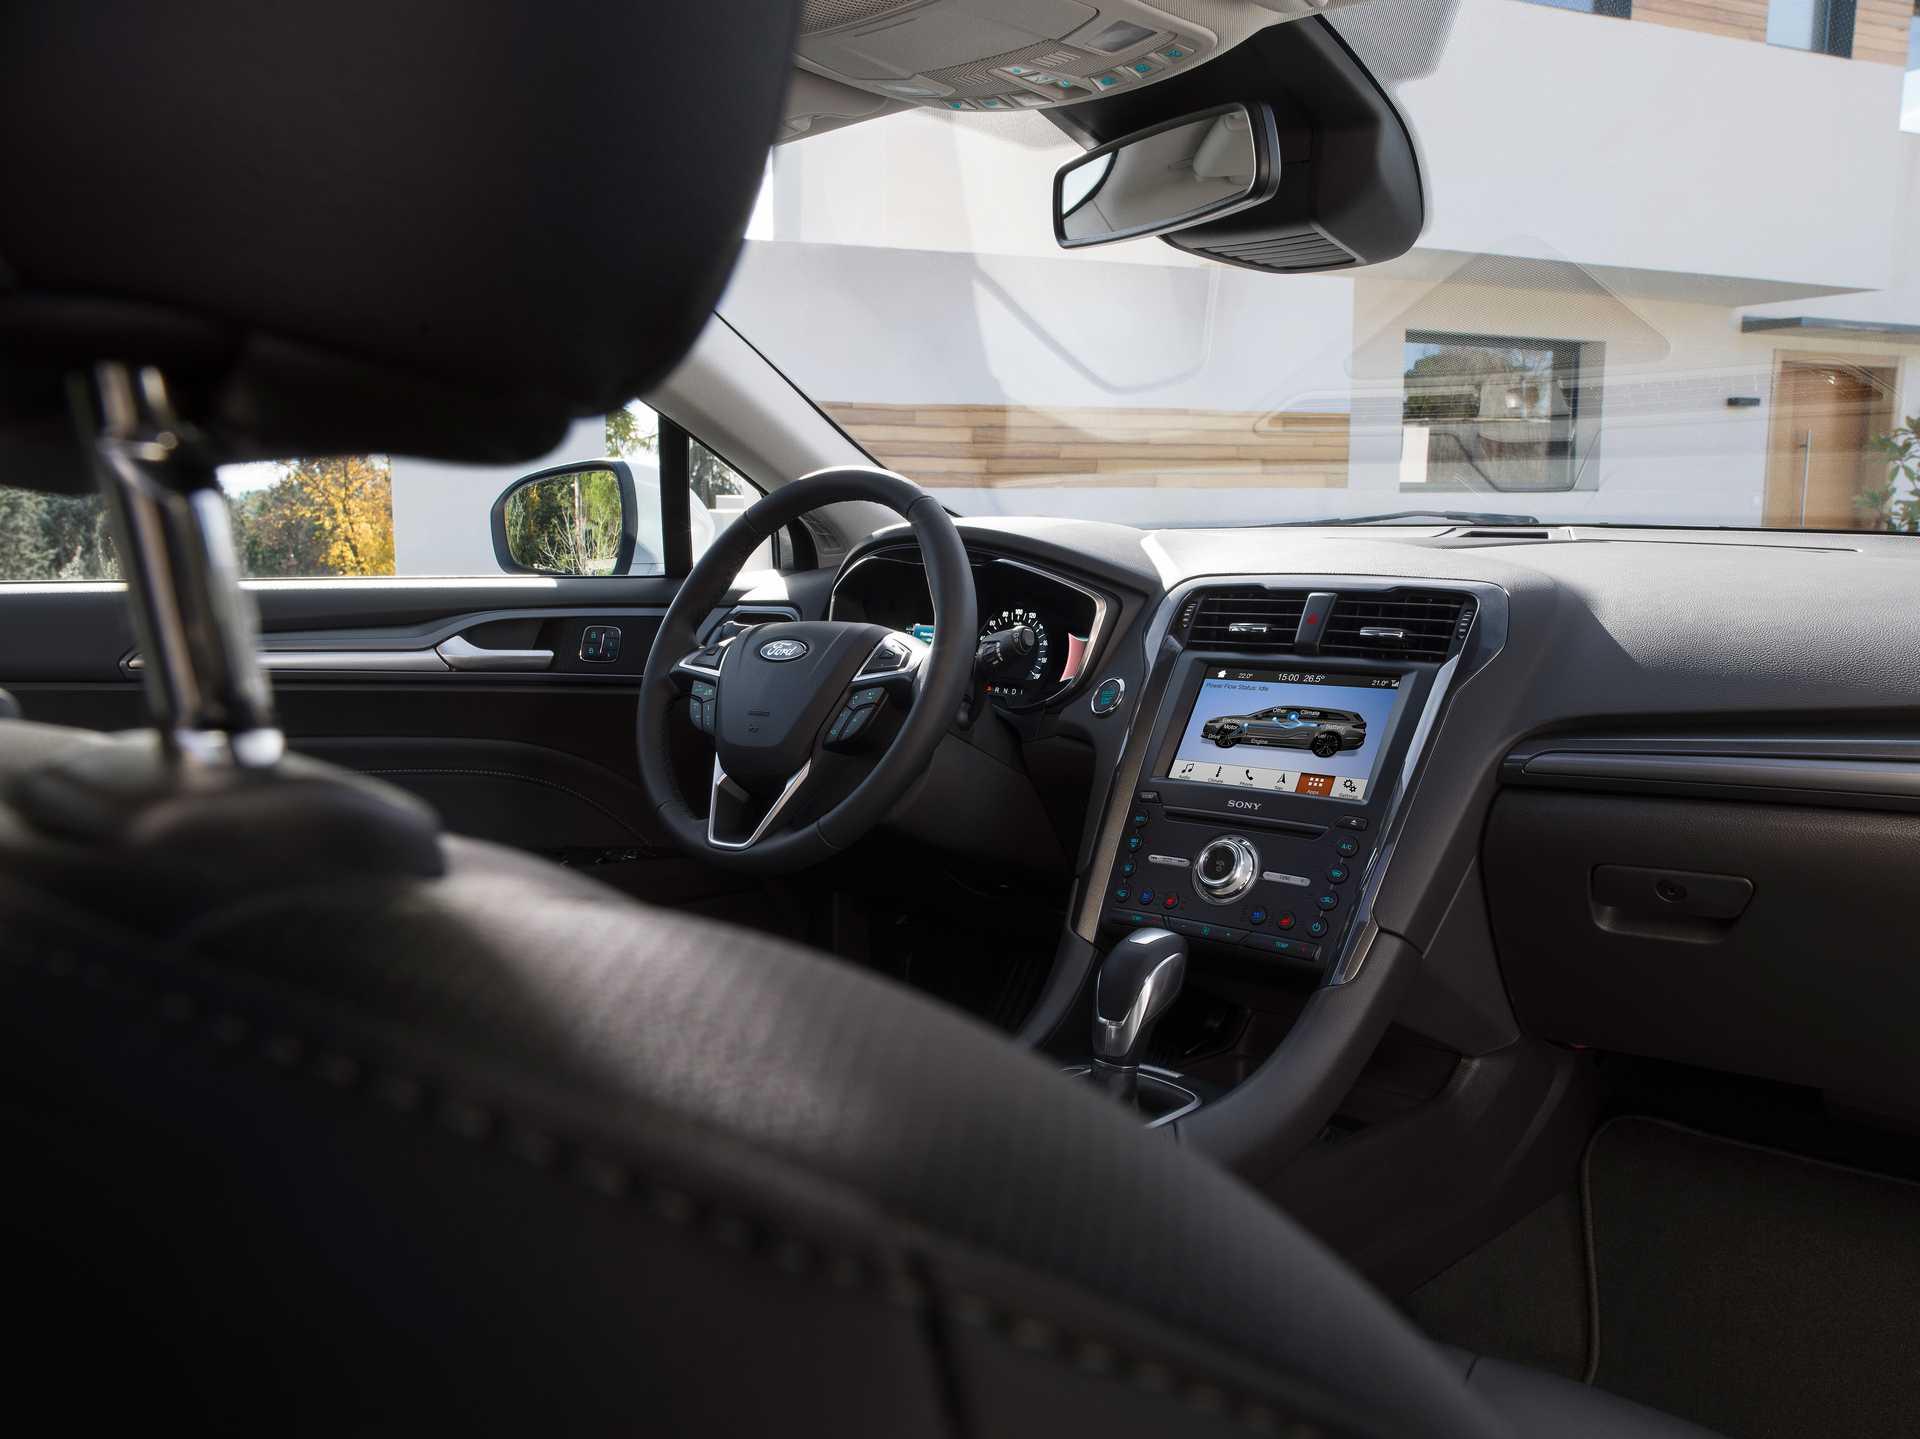 Ford Mondeo Combi Hybrid 2.0 Ti-VCT CVT, 187hp, 2019